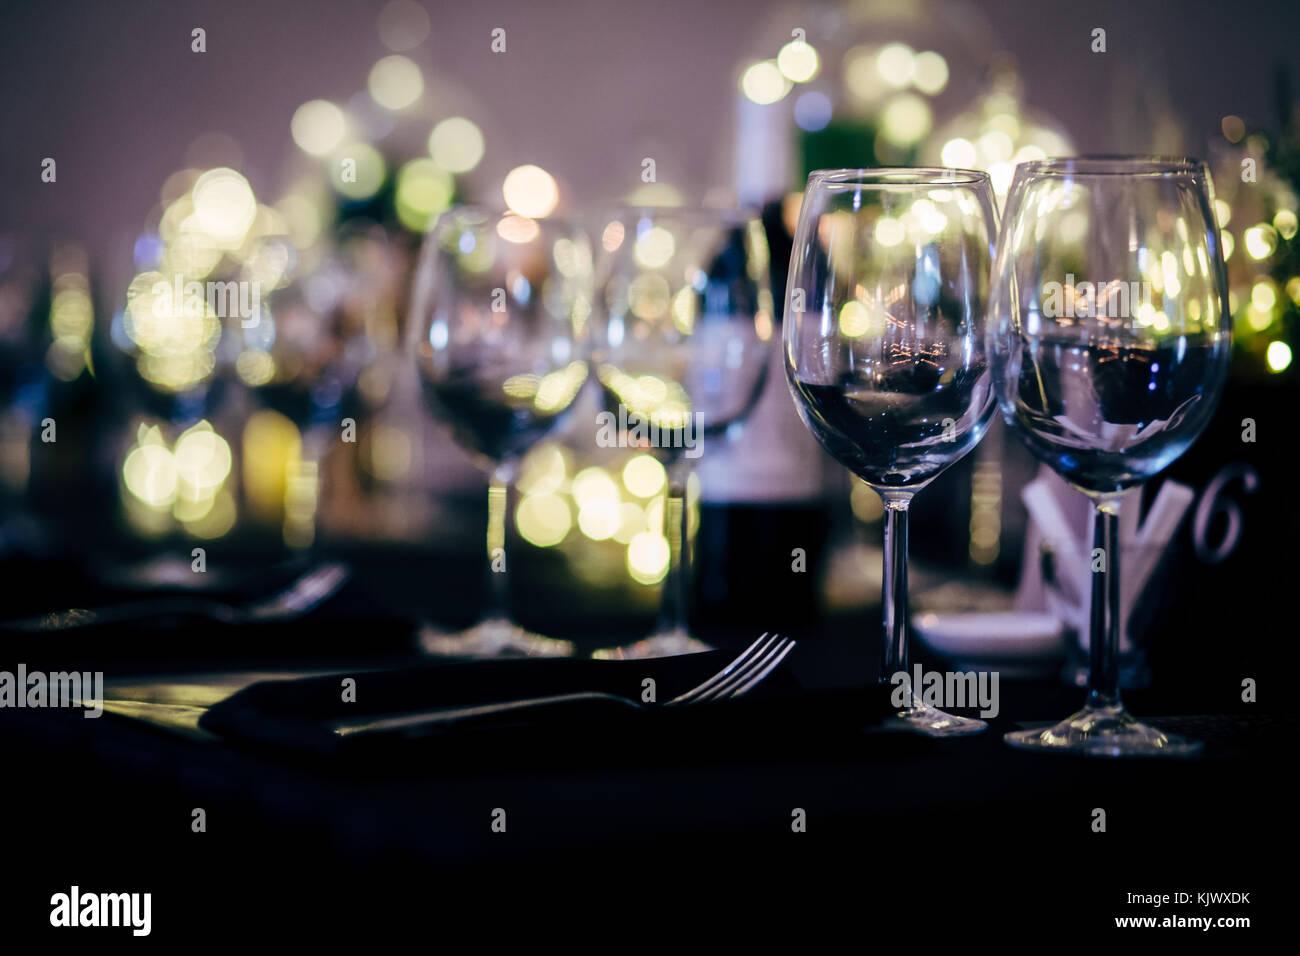 Luxus Tabelle Einstellung für Party, Weihnachten, Feiertage und Hochzeiten. Stockbild